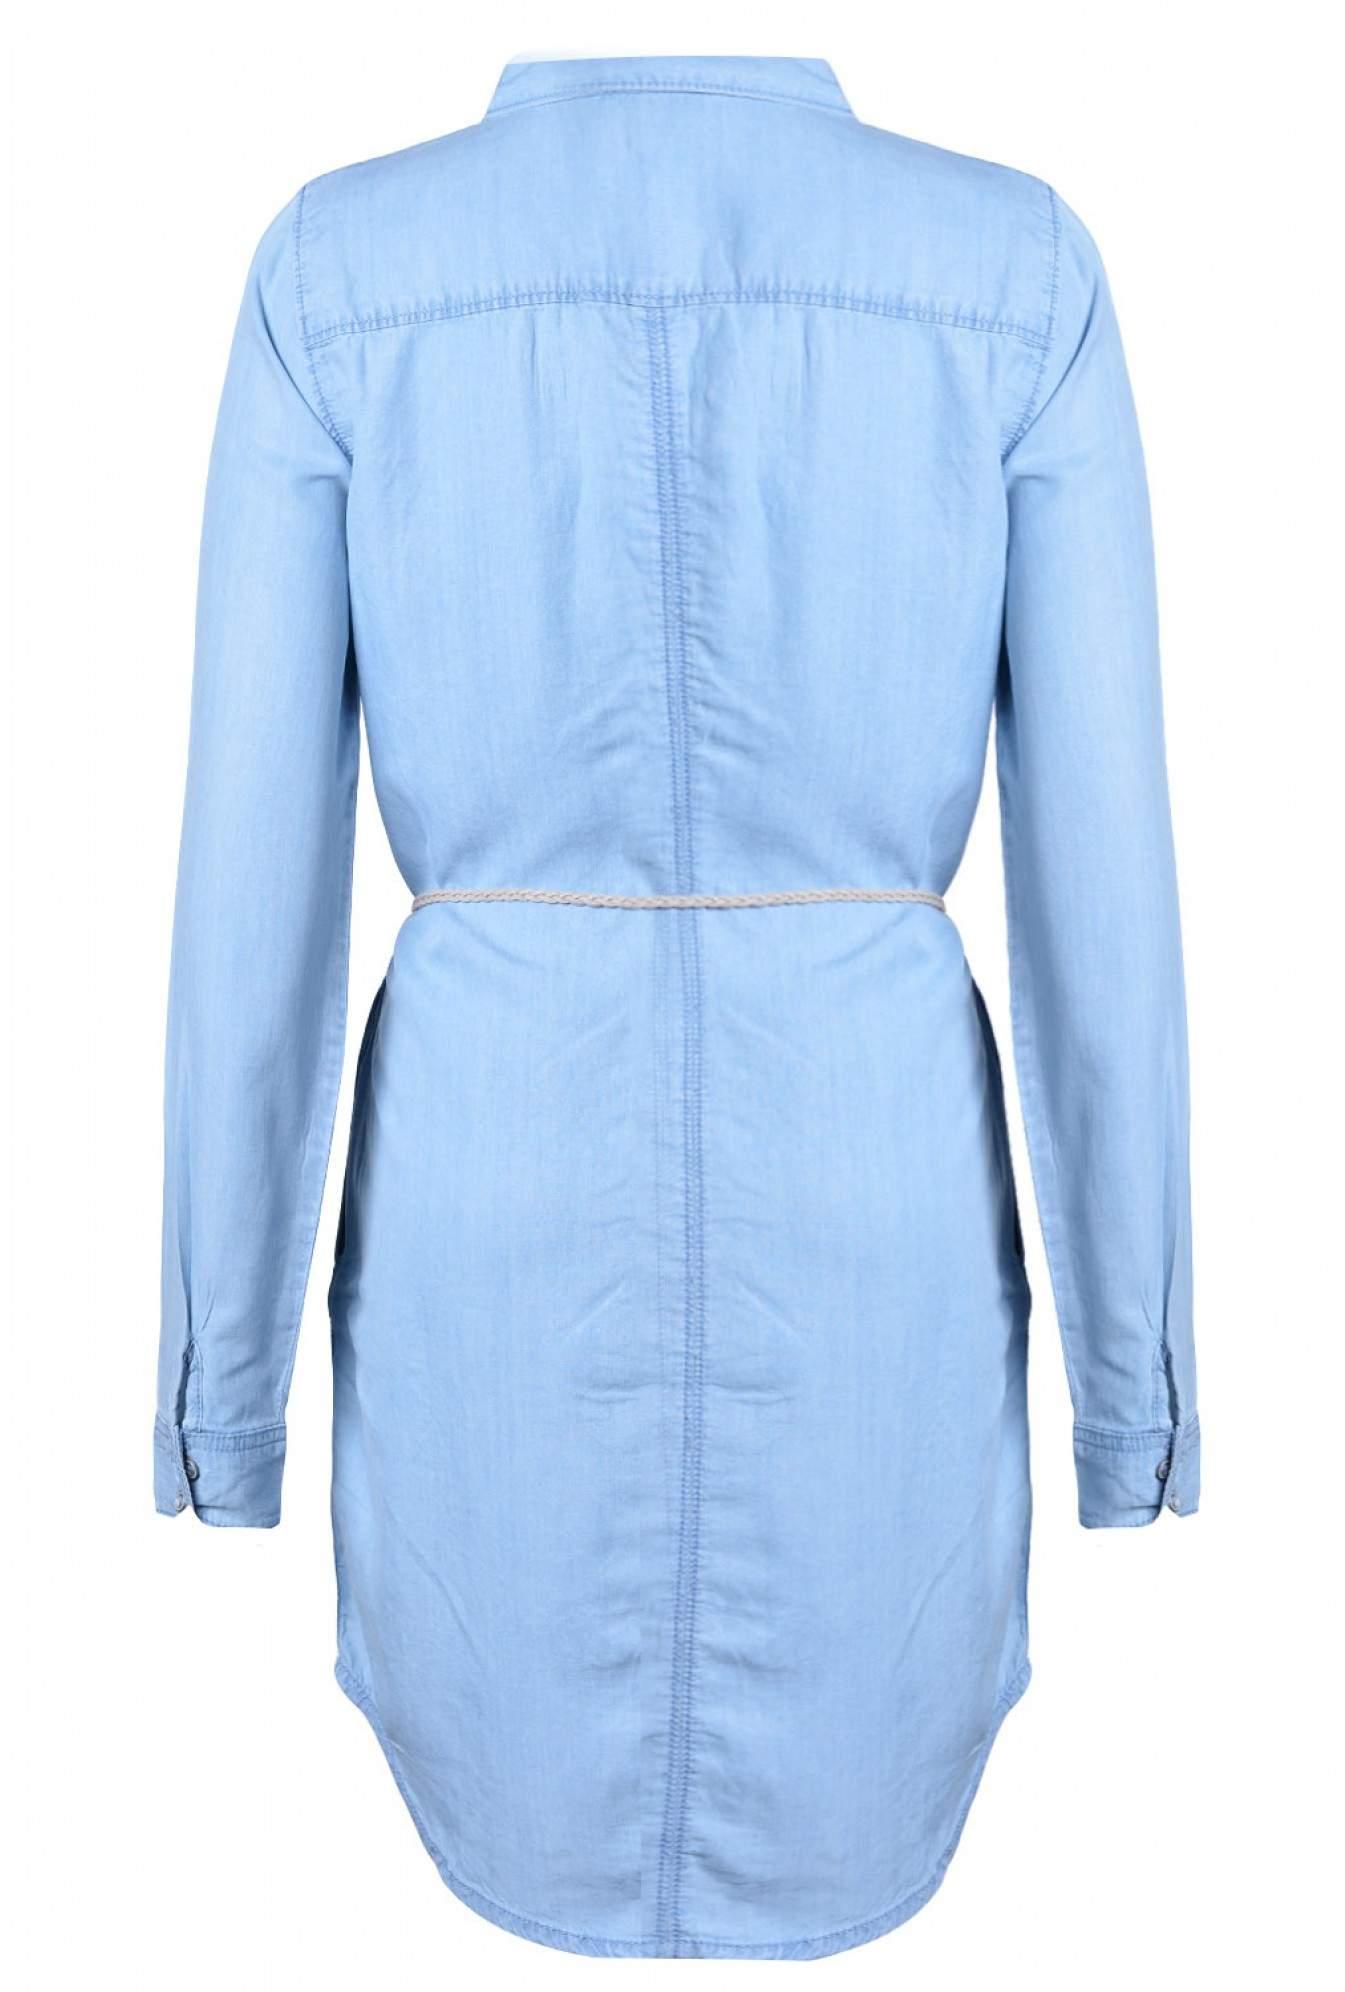 22c22e70b0d More Views. Henna Denim Dress in Light Blue. Only